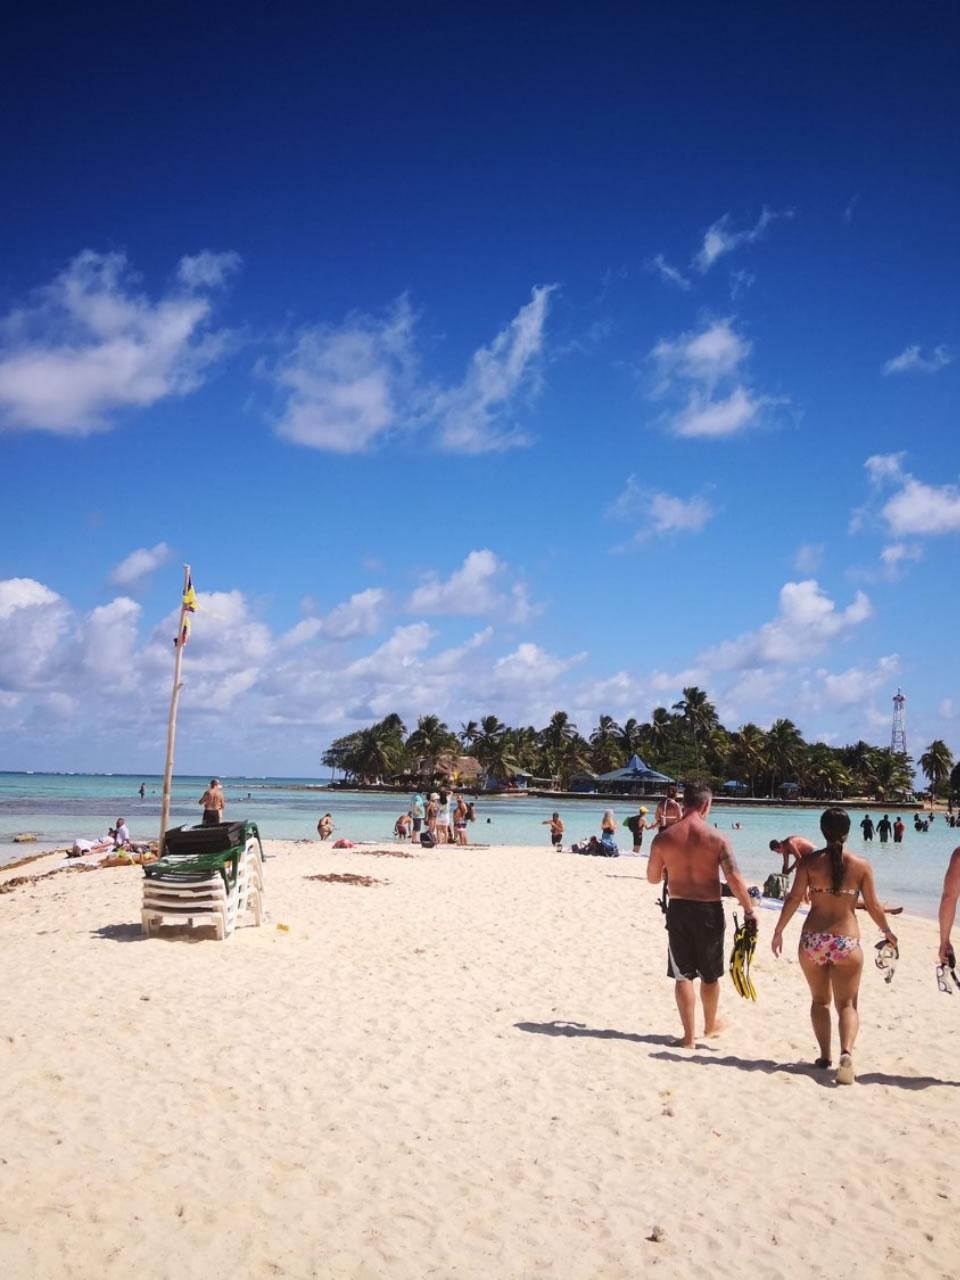 vip beach en isla de san andrés